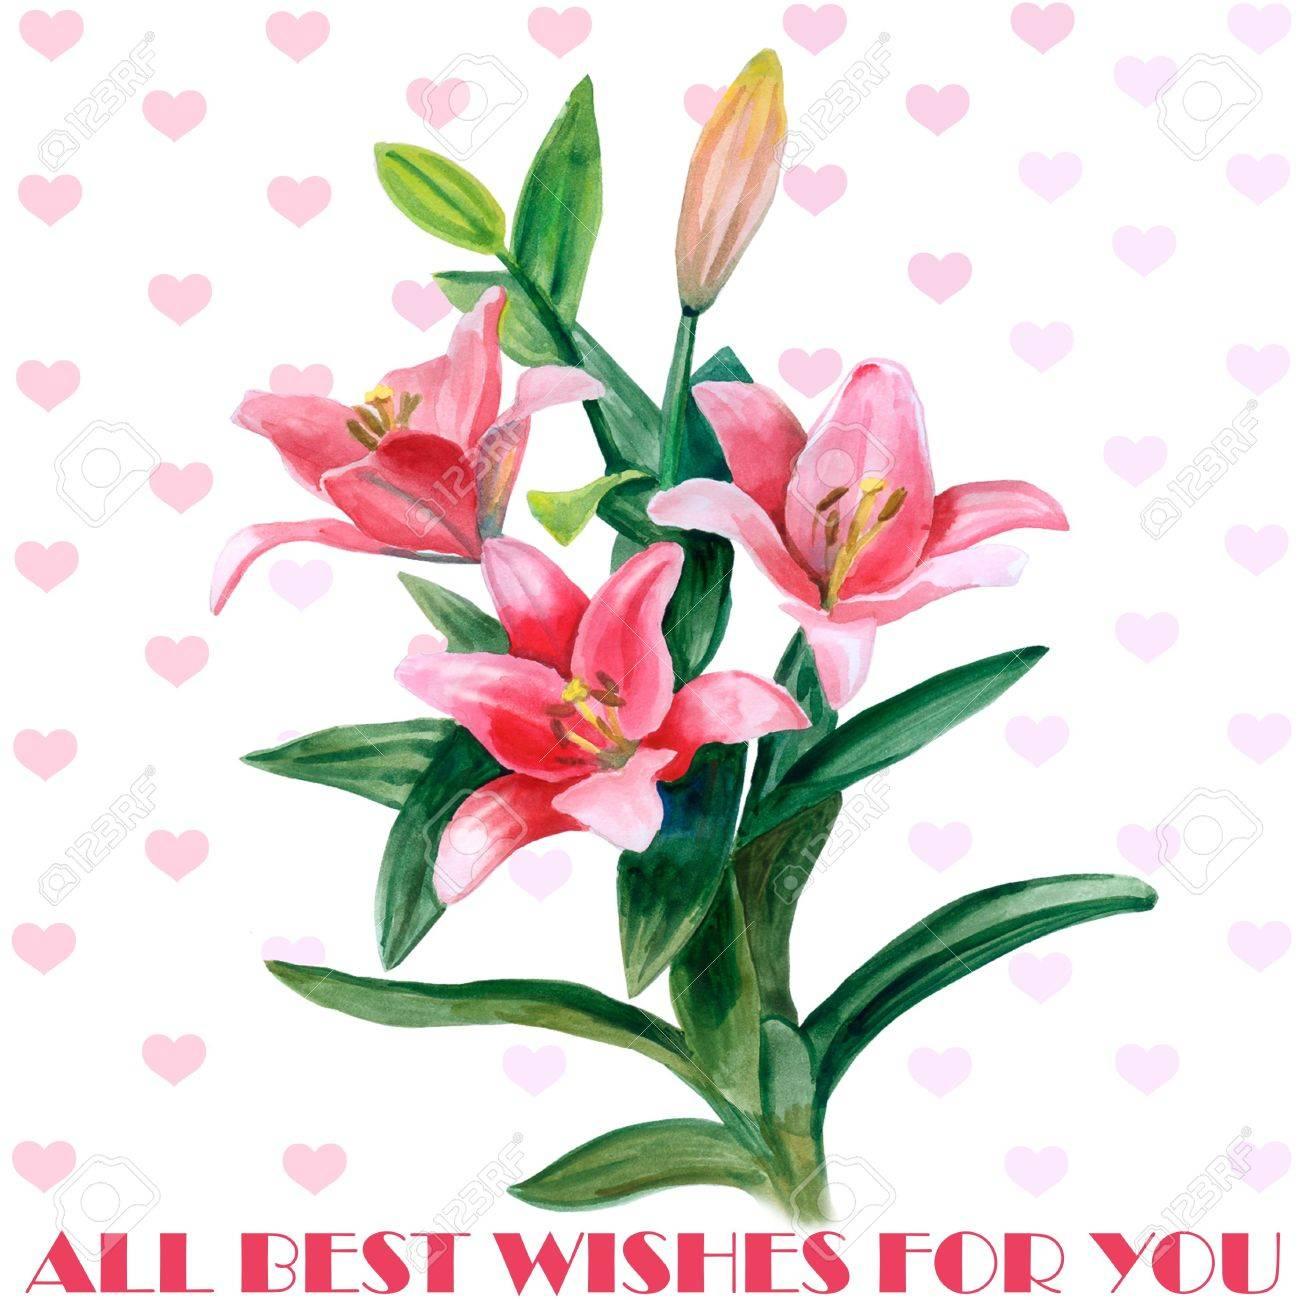 Hand Gezeichnet Aquarell Lilie Blumen Auf Weissem Hintergrund